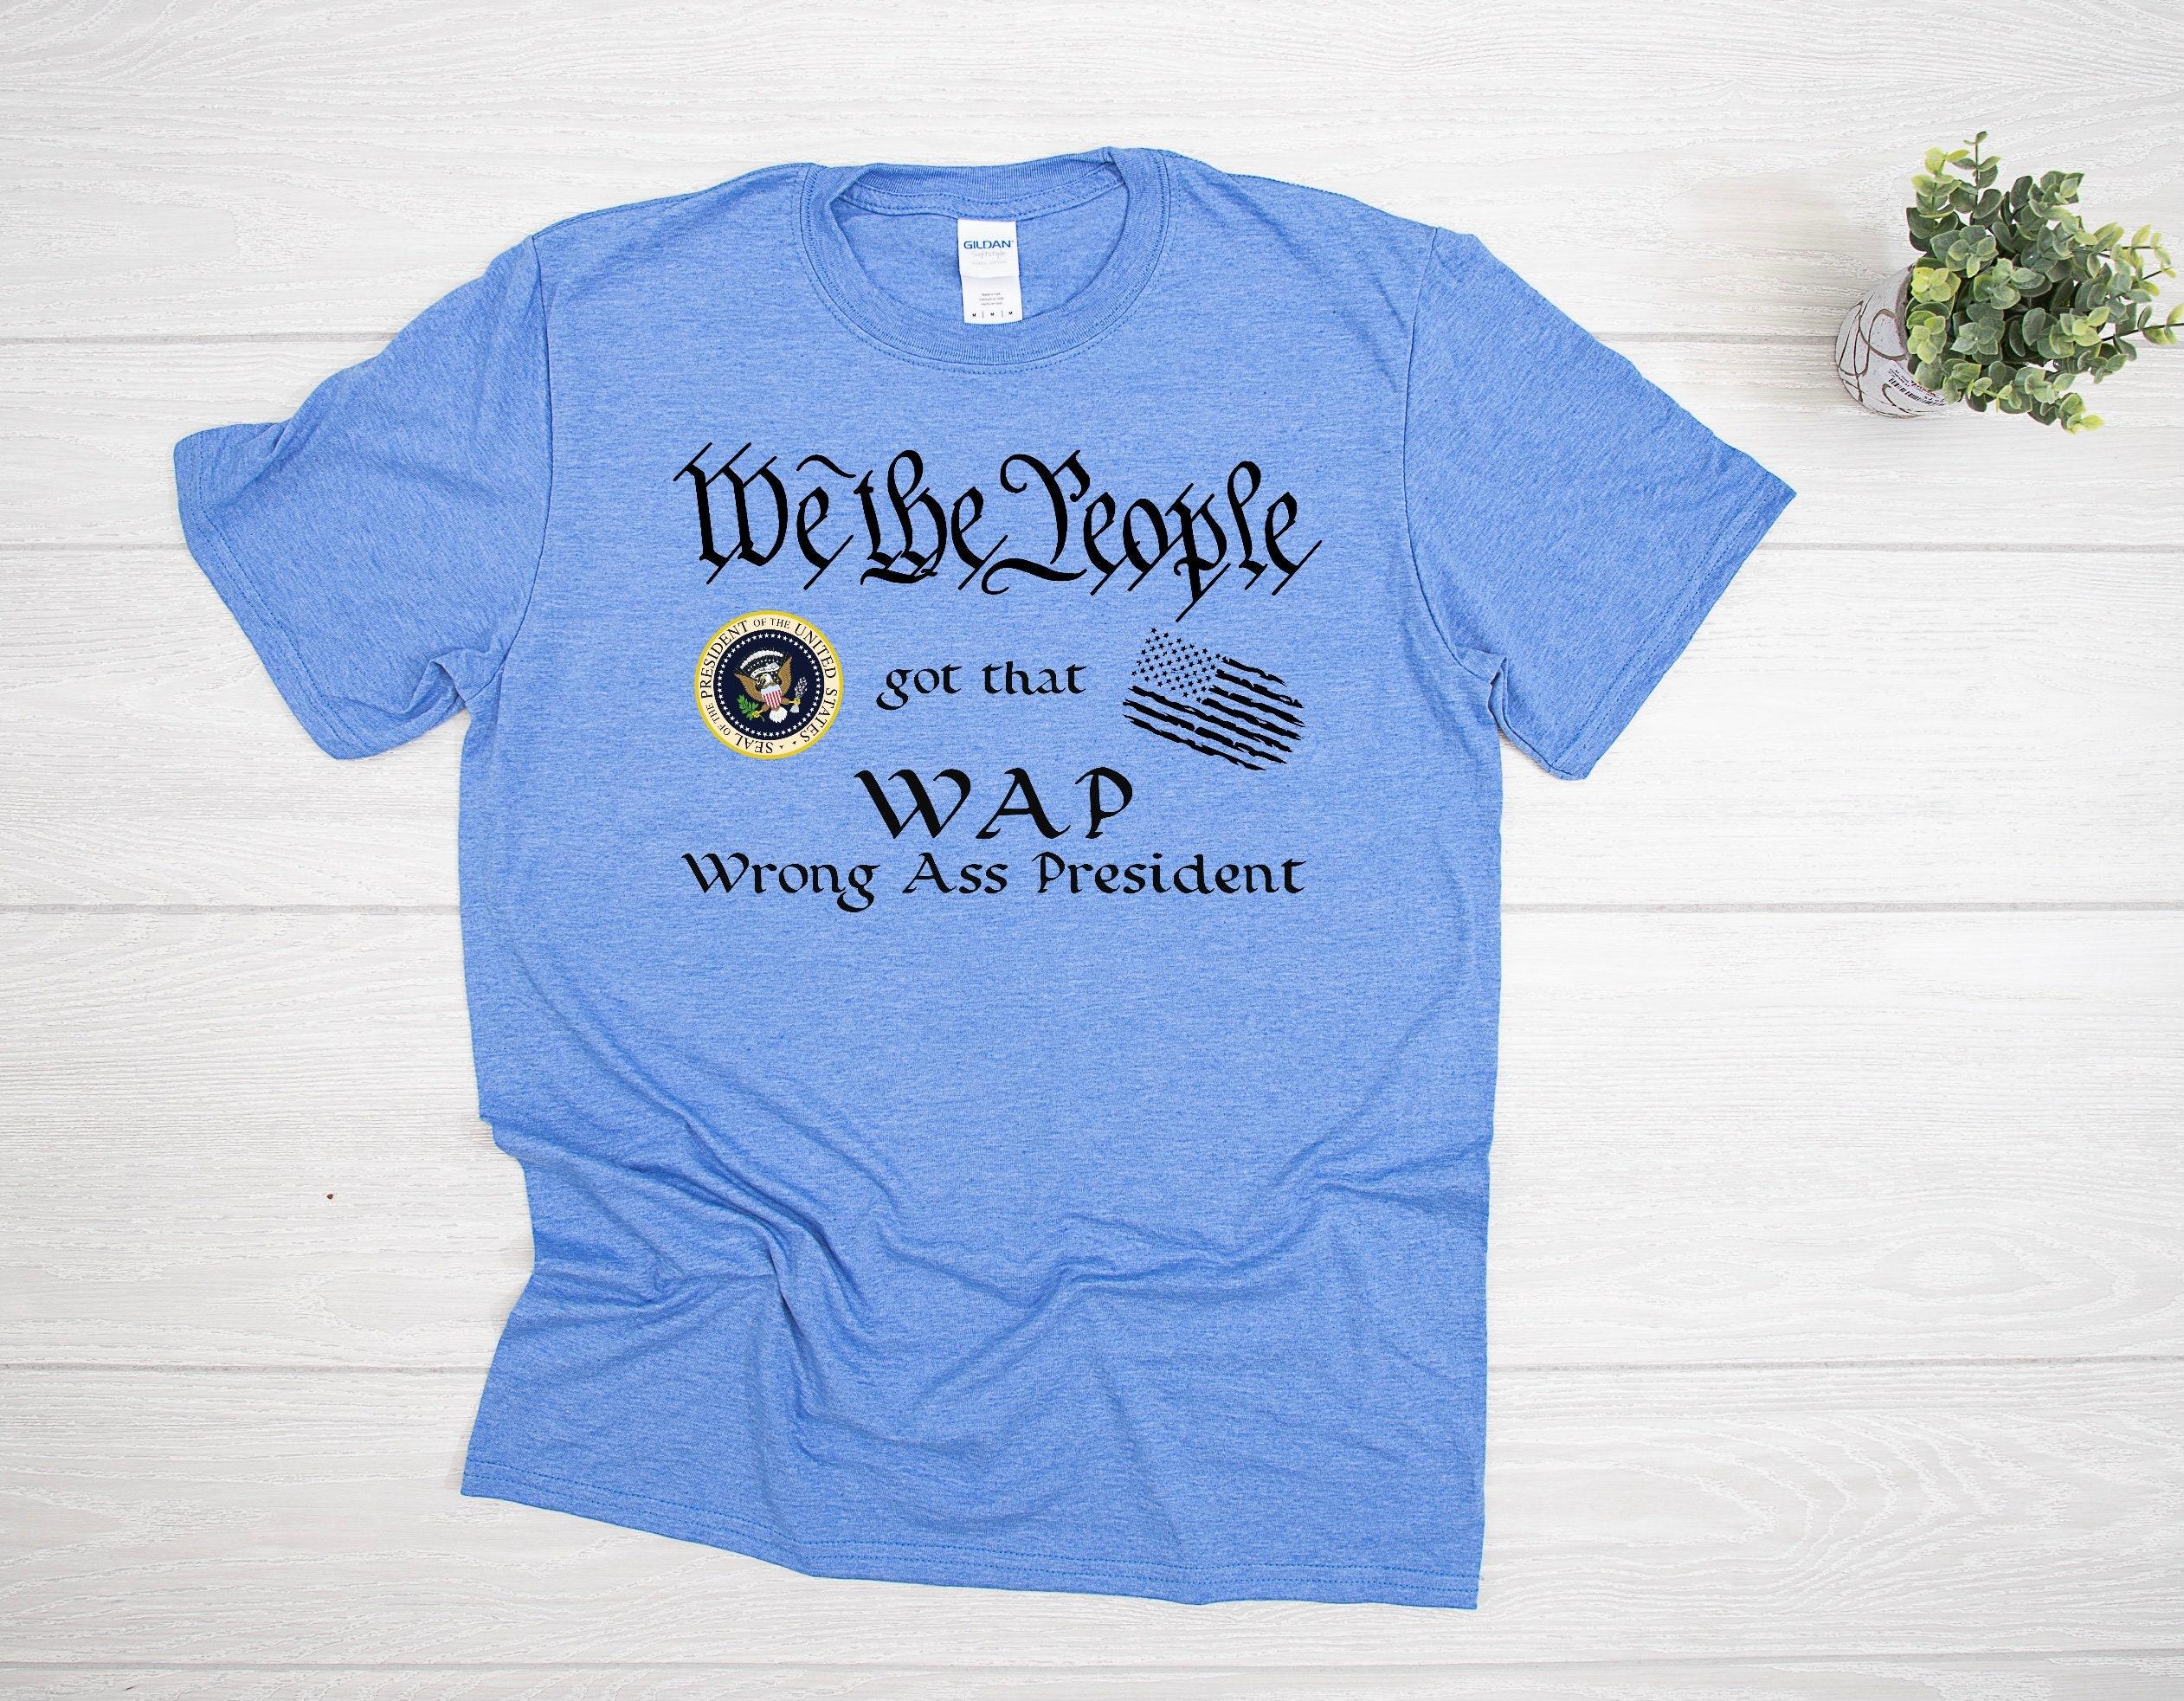 We The People Got That WAP Biden Wrong Ass President Graphic Tee